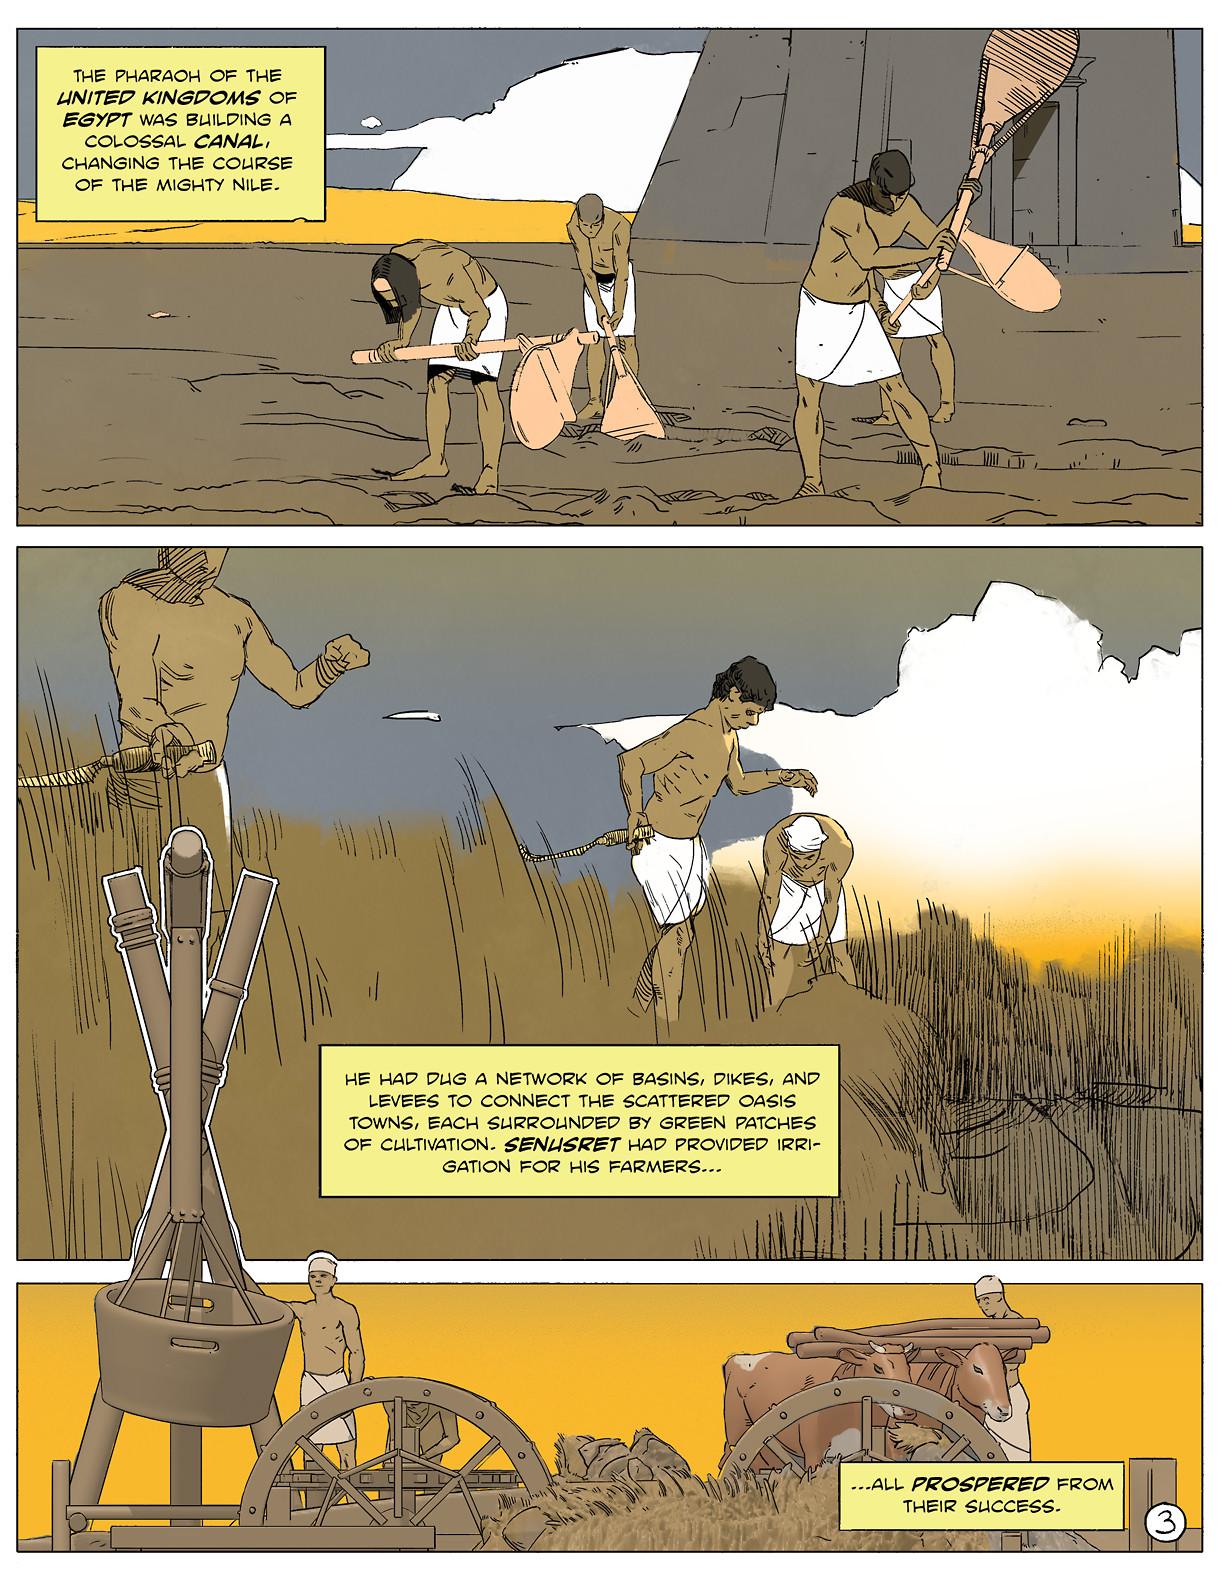 Devin korwin page 3